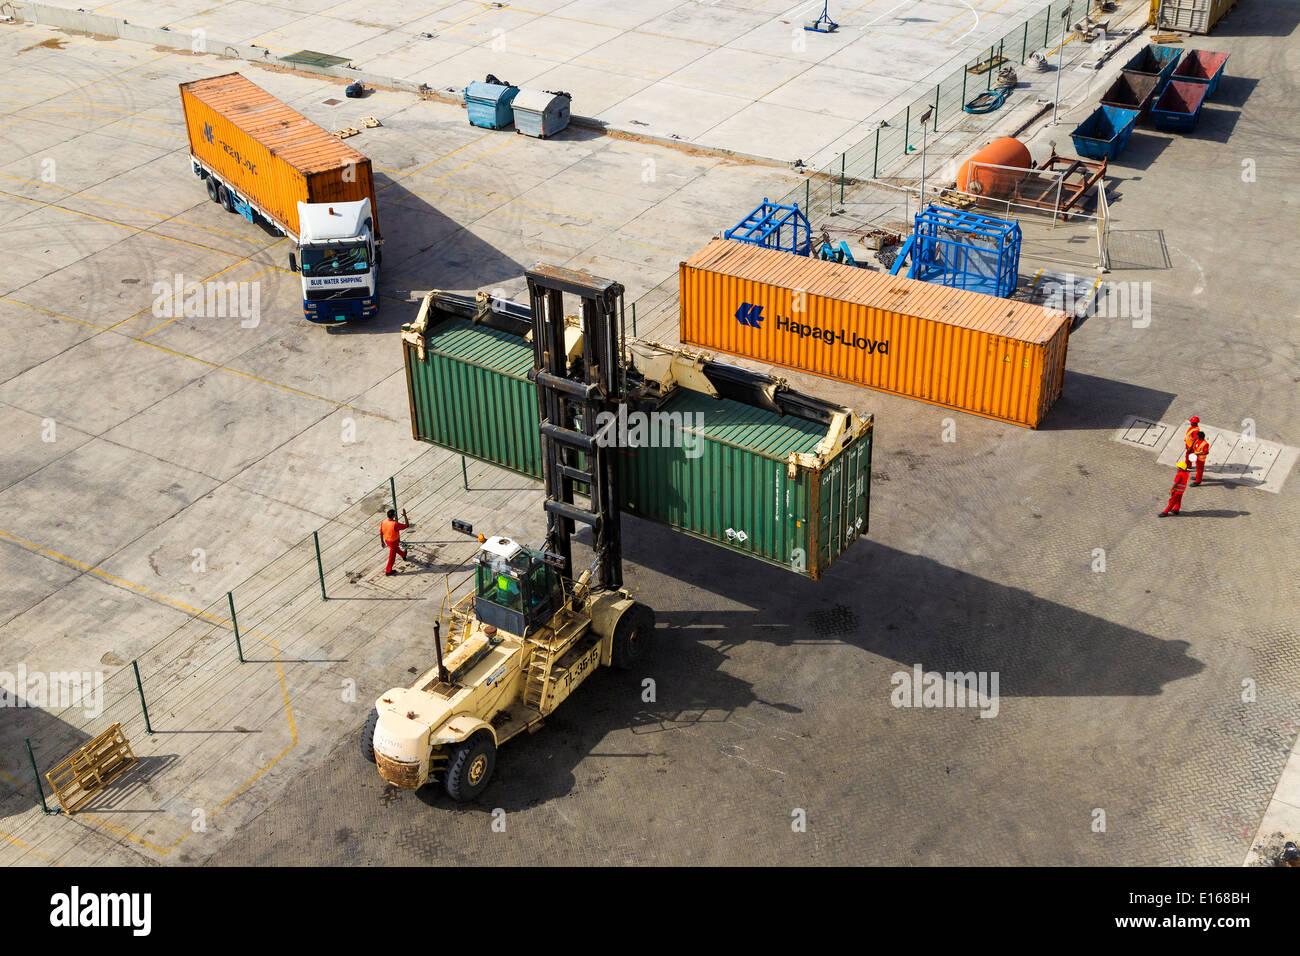 Dockside Dubai, United Arab Emirates - Stock Image